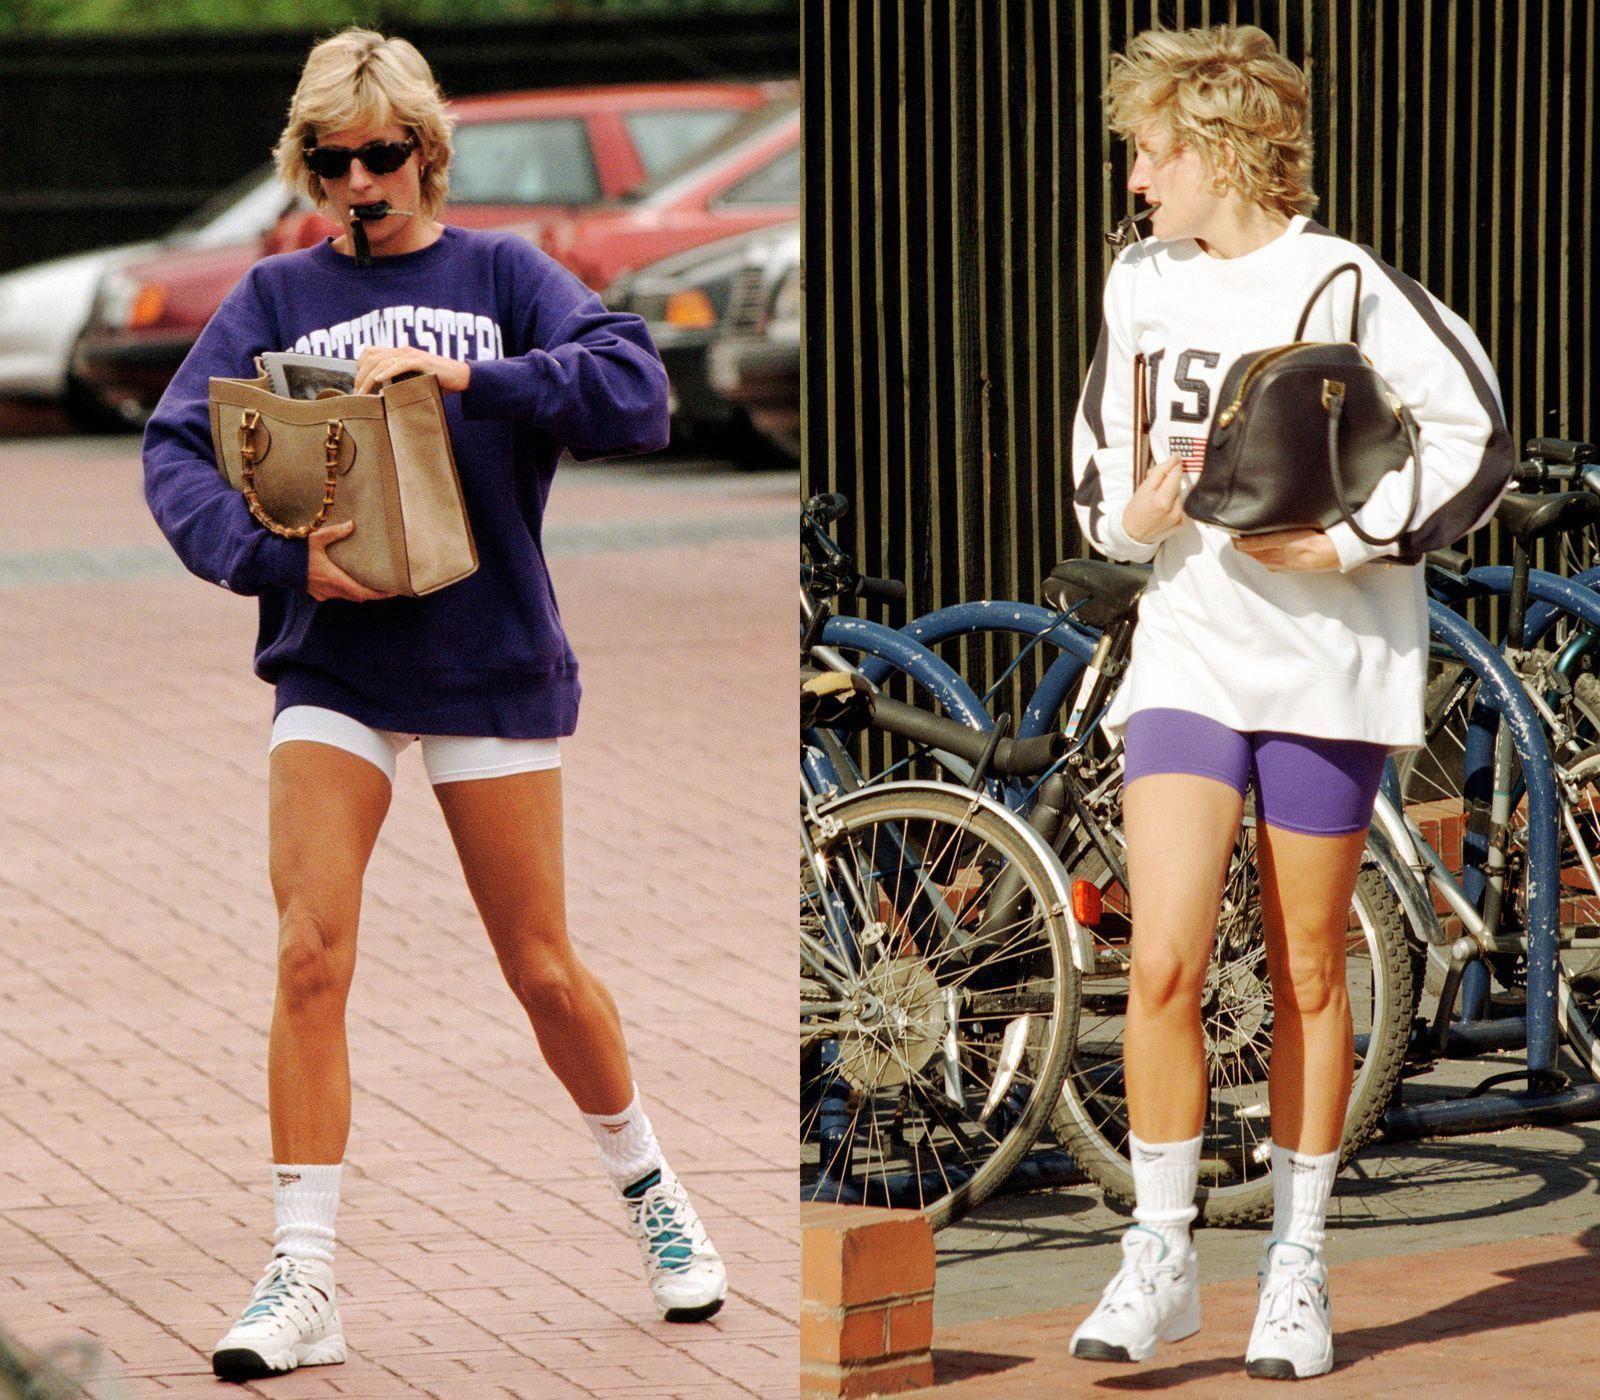 Vương phi Diana mặc trang phục thể thao với áo sweater và quần đạp xe